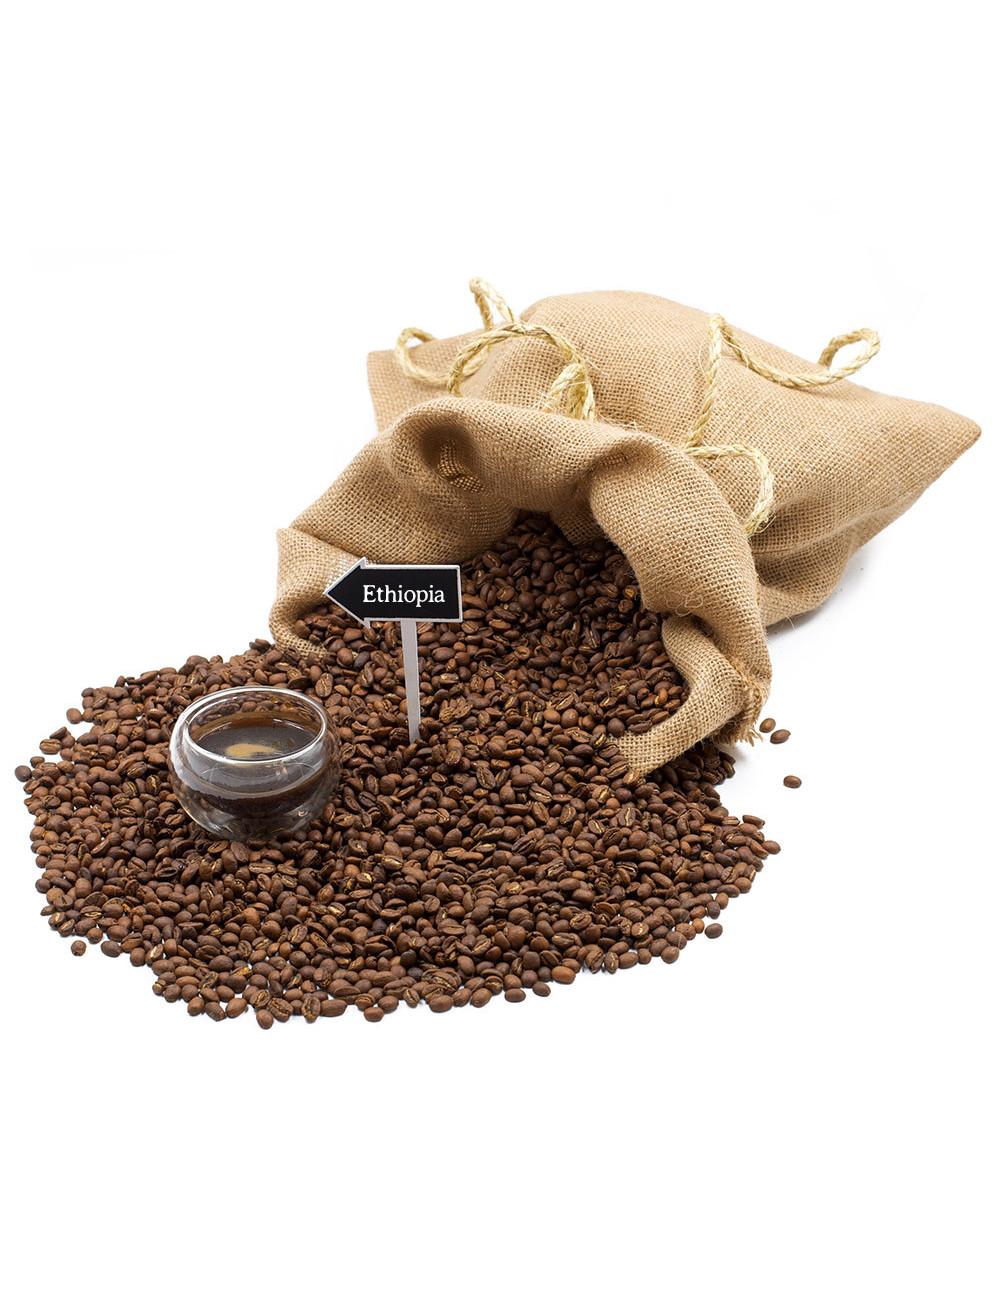 Caffè Ethiopia monorigine - La Pianta del Tè shop online